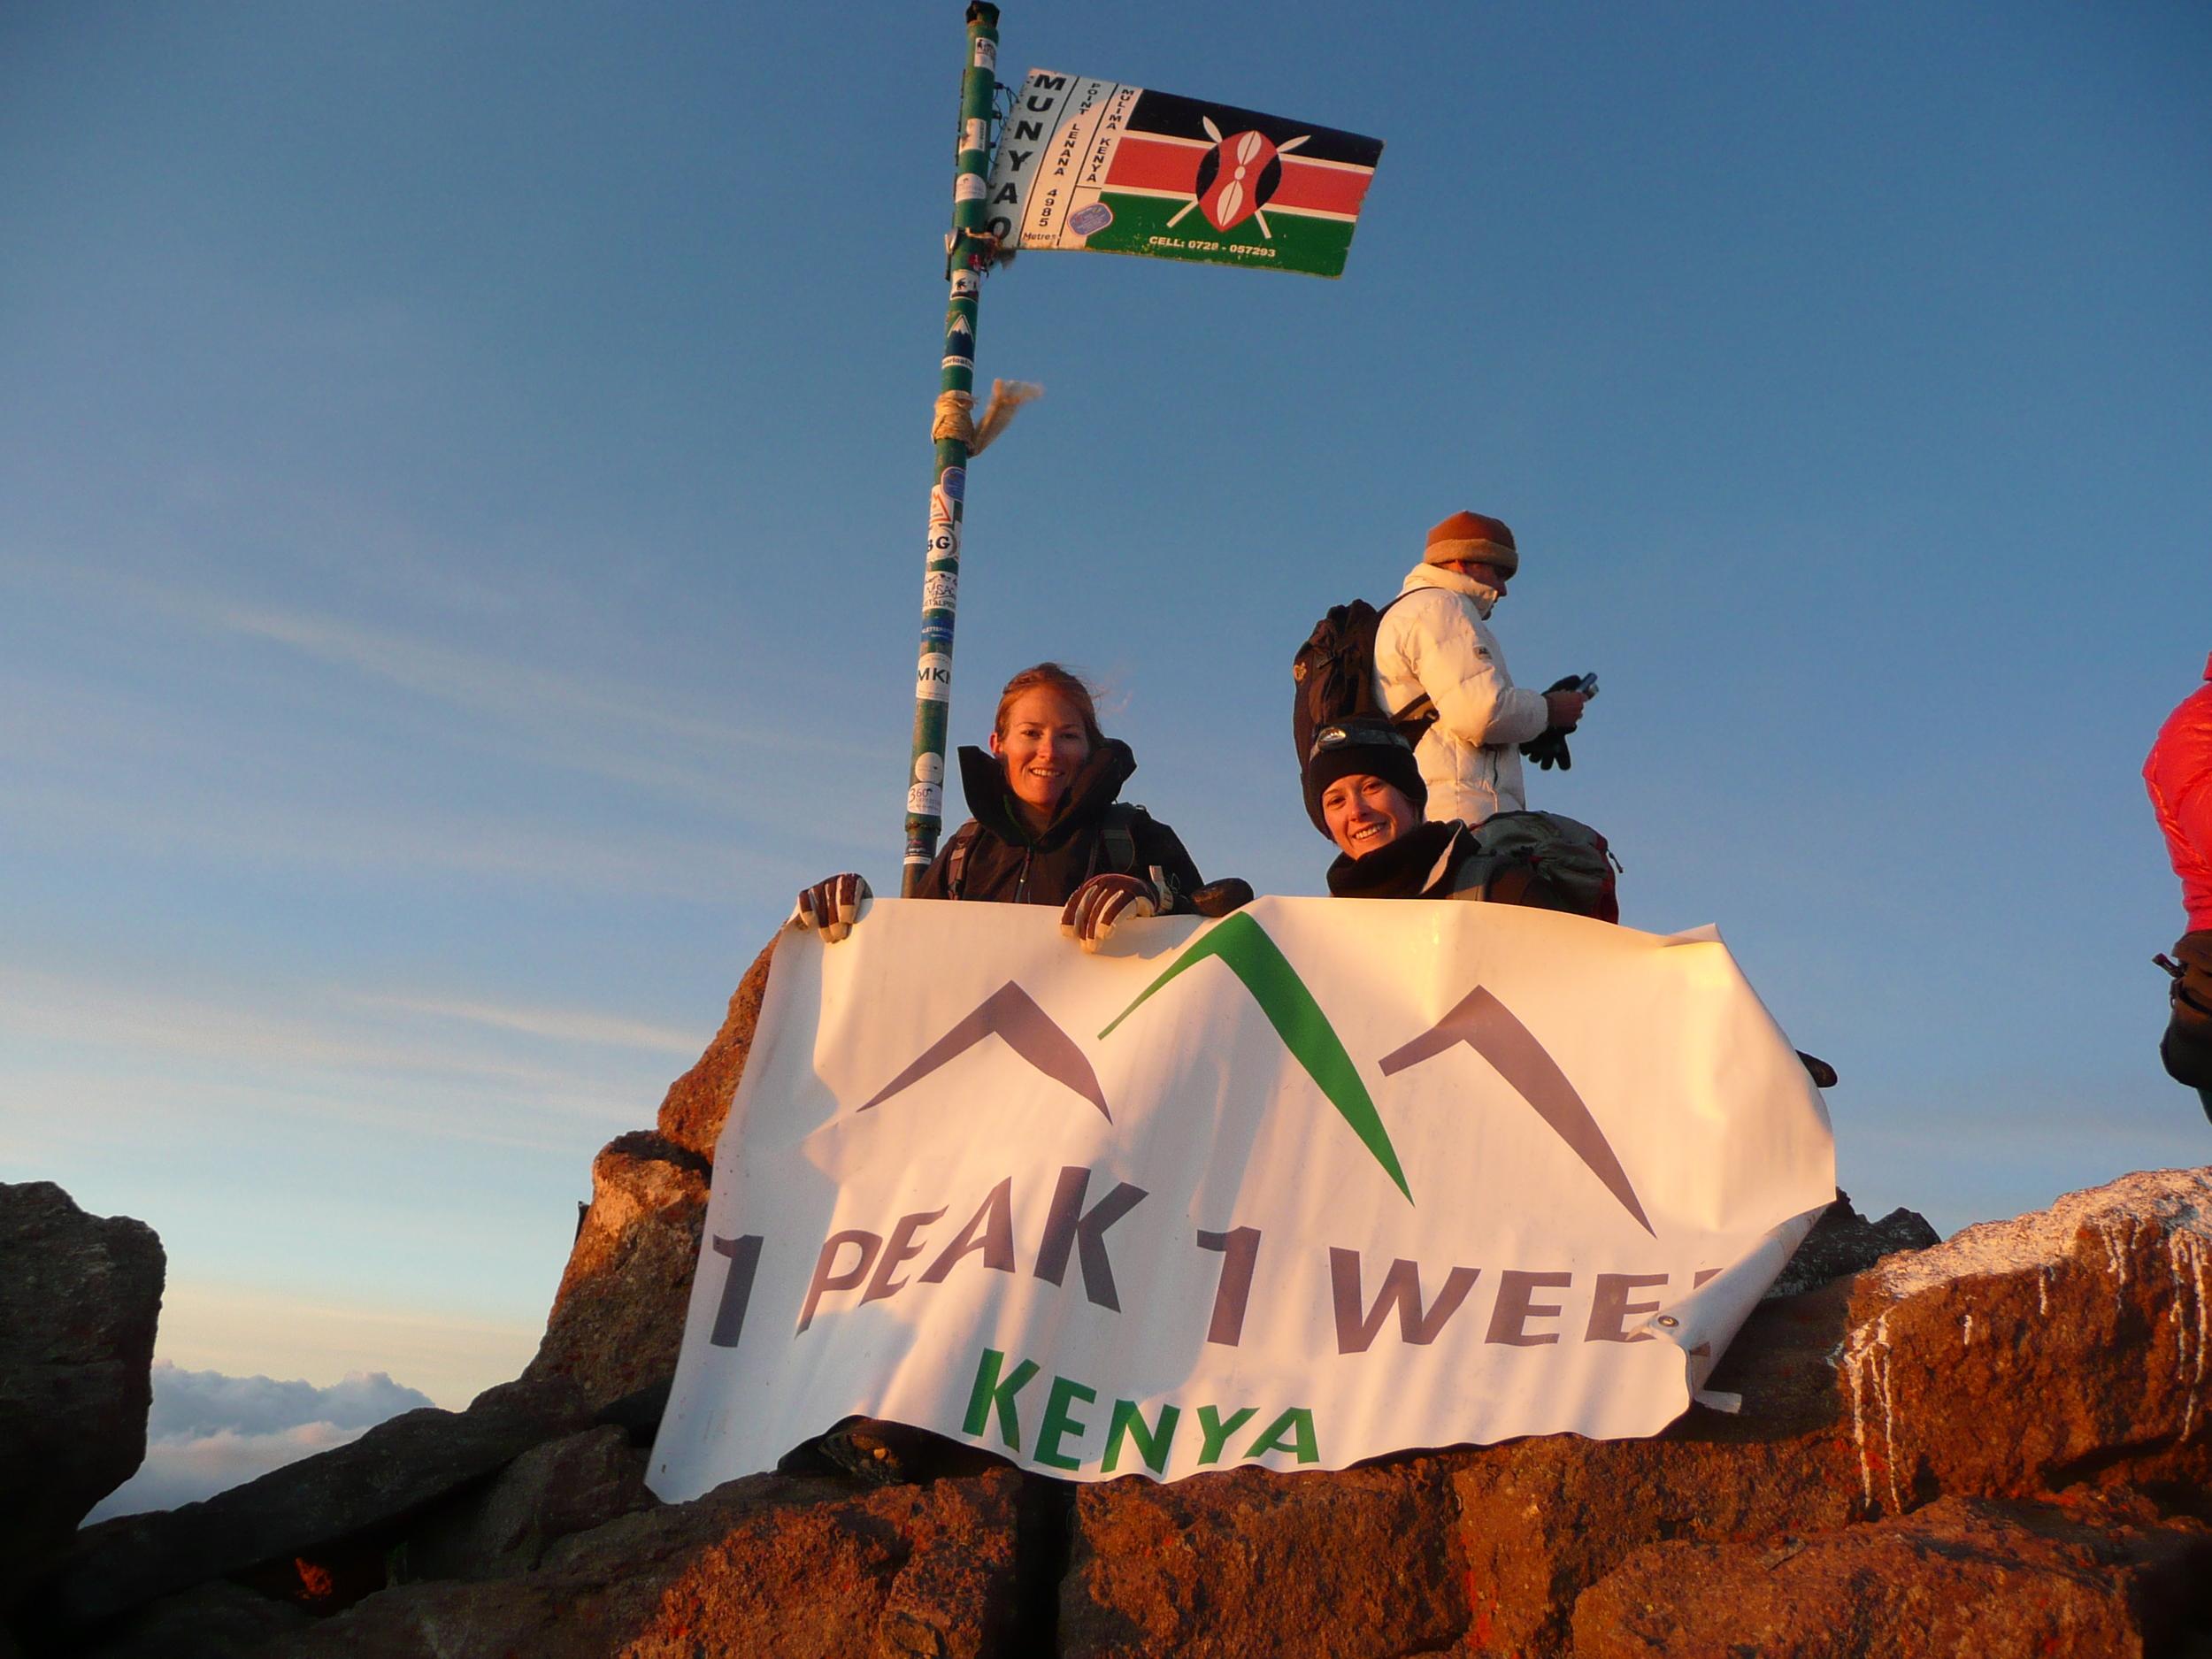 2011_1P1W_Kenya.JPG